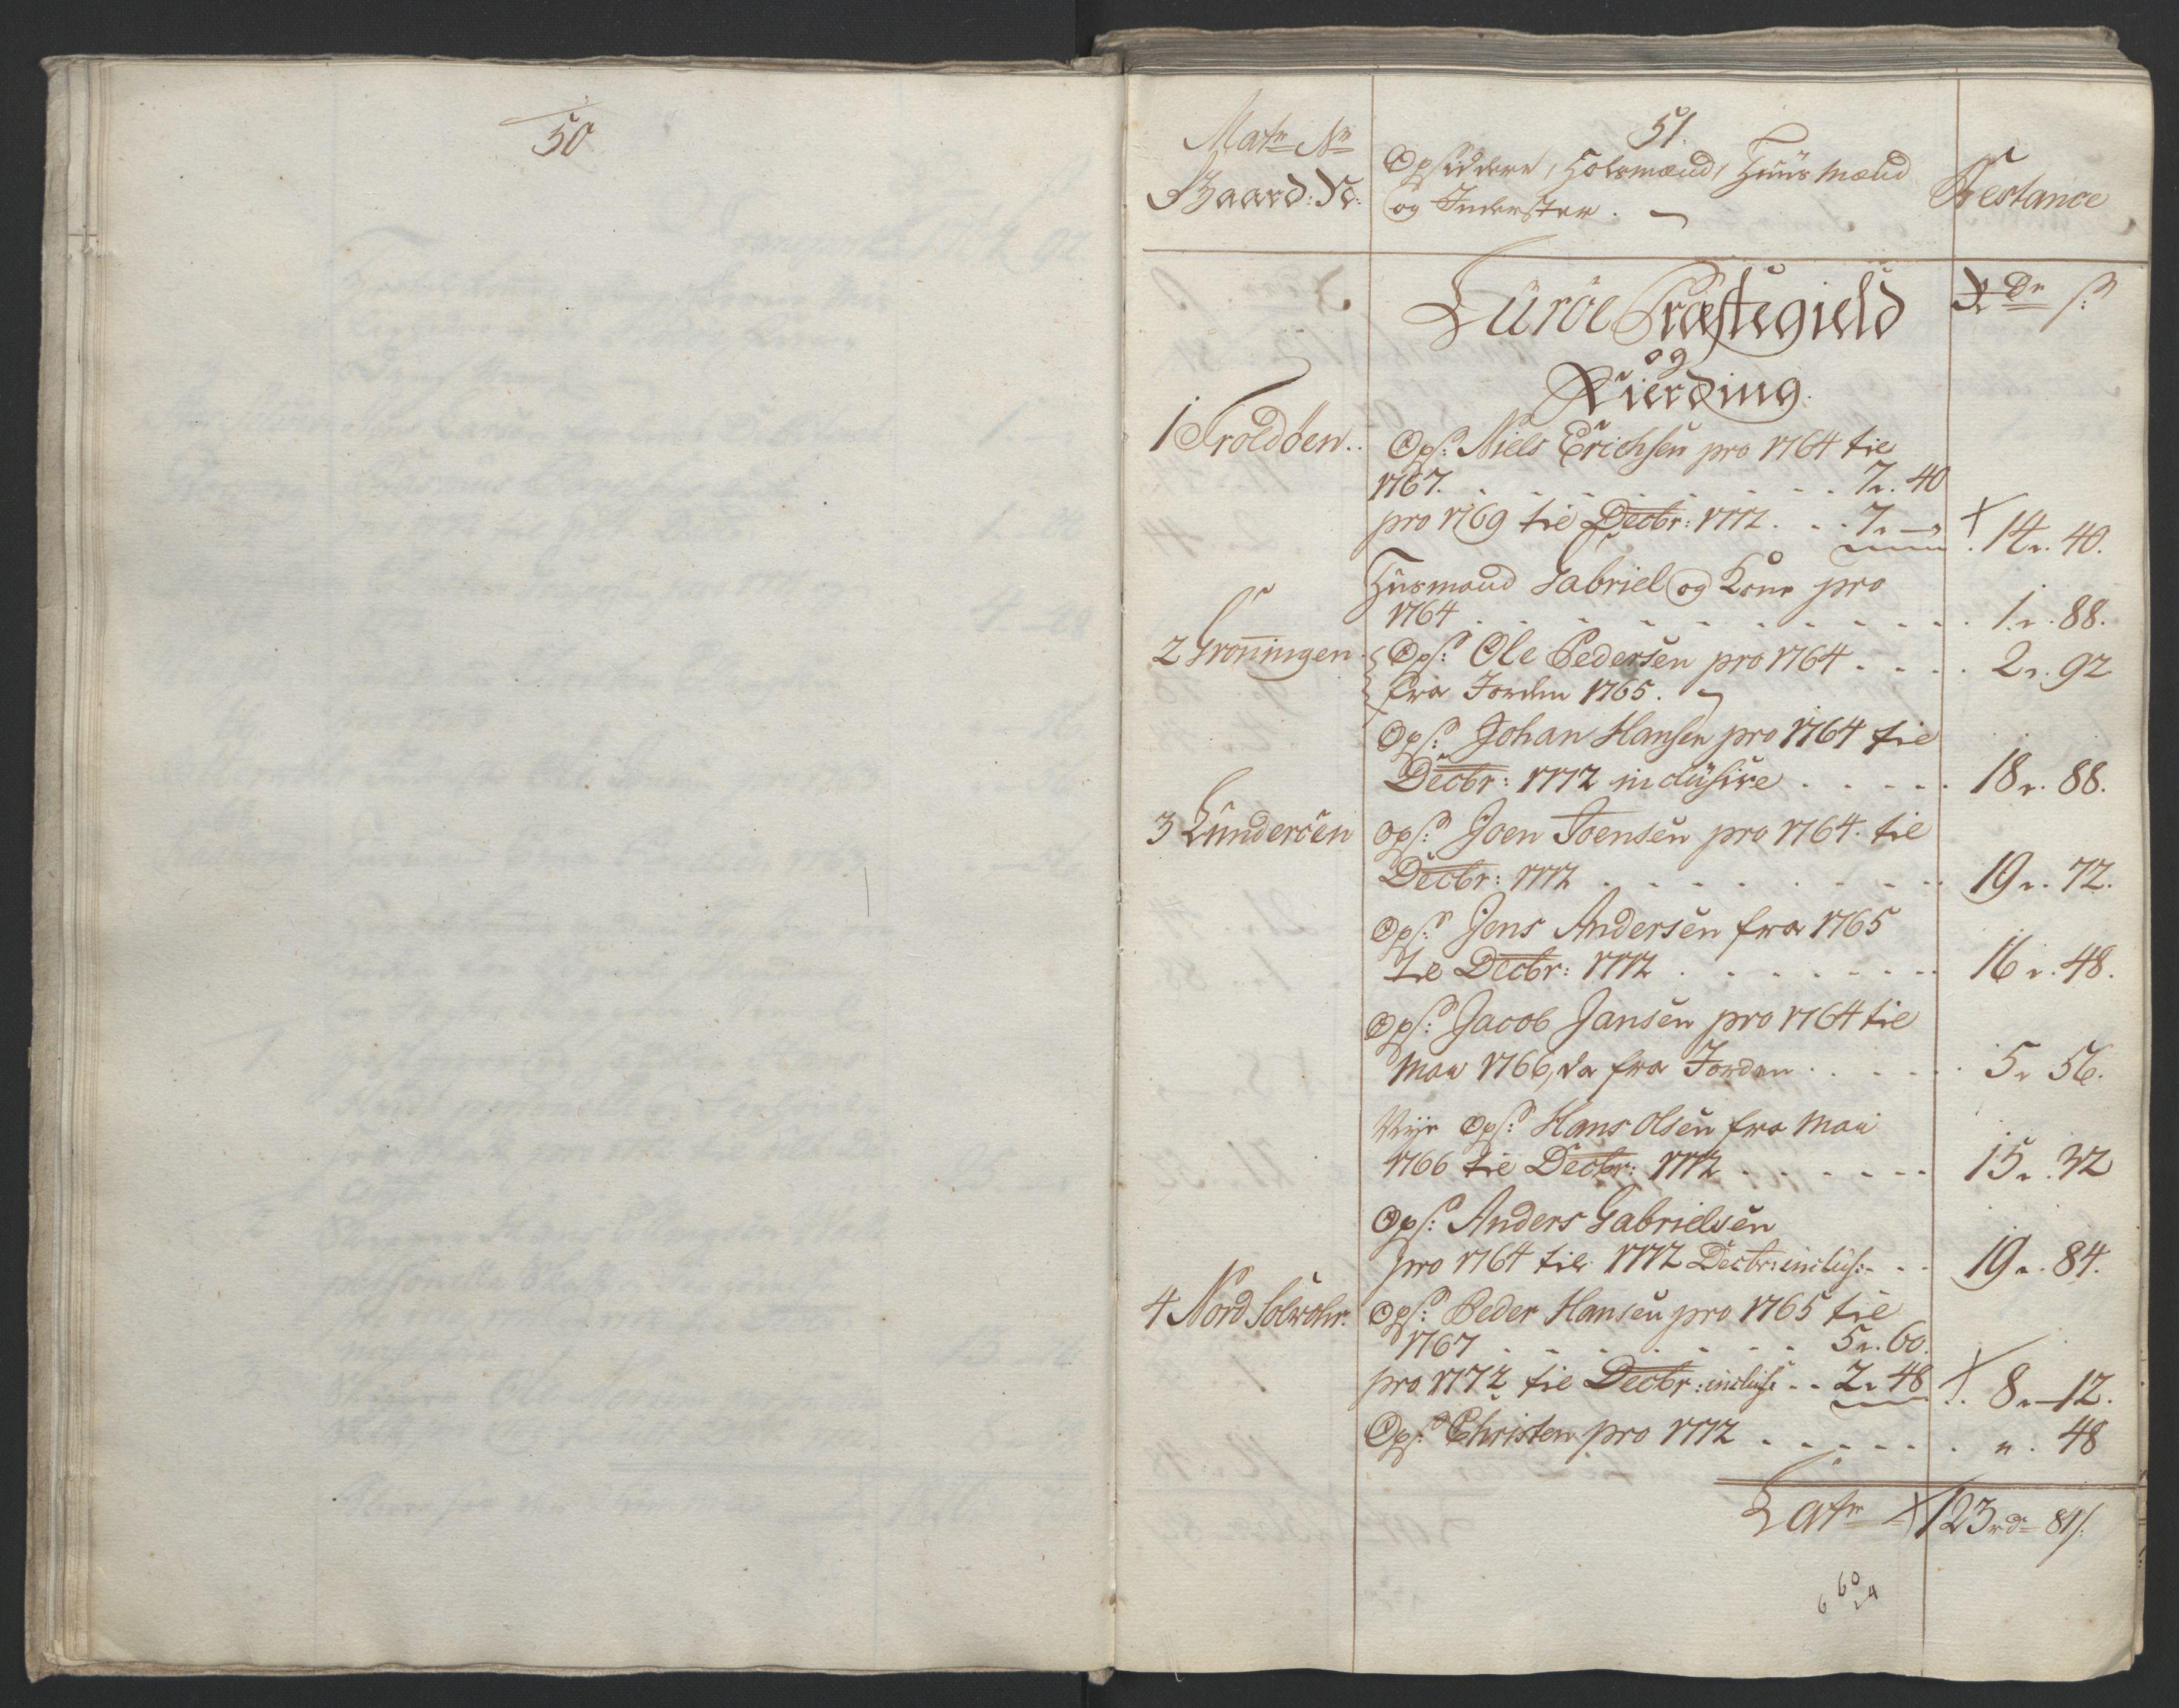 RA, Rentekammeret inntil 1814, Reviderte regnskaper, Fogderegnskap, R65/L4573: Ekstraskatten Helgeland, 1762-1772, s. 469